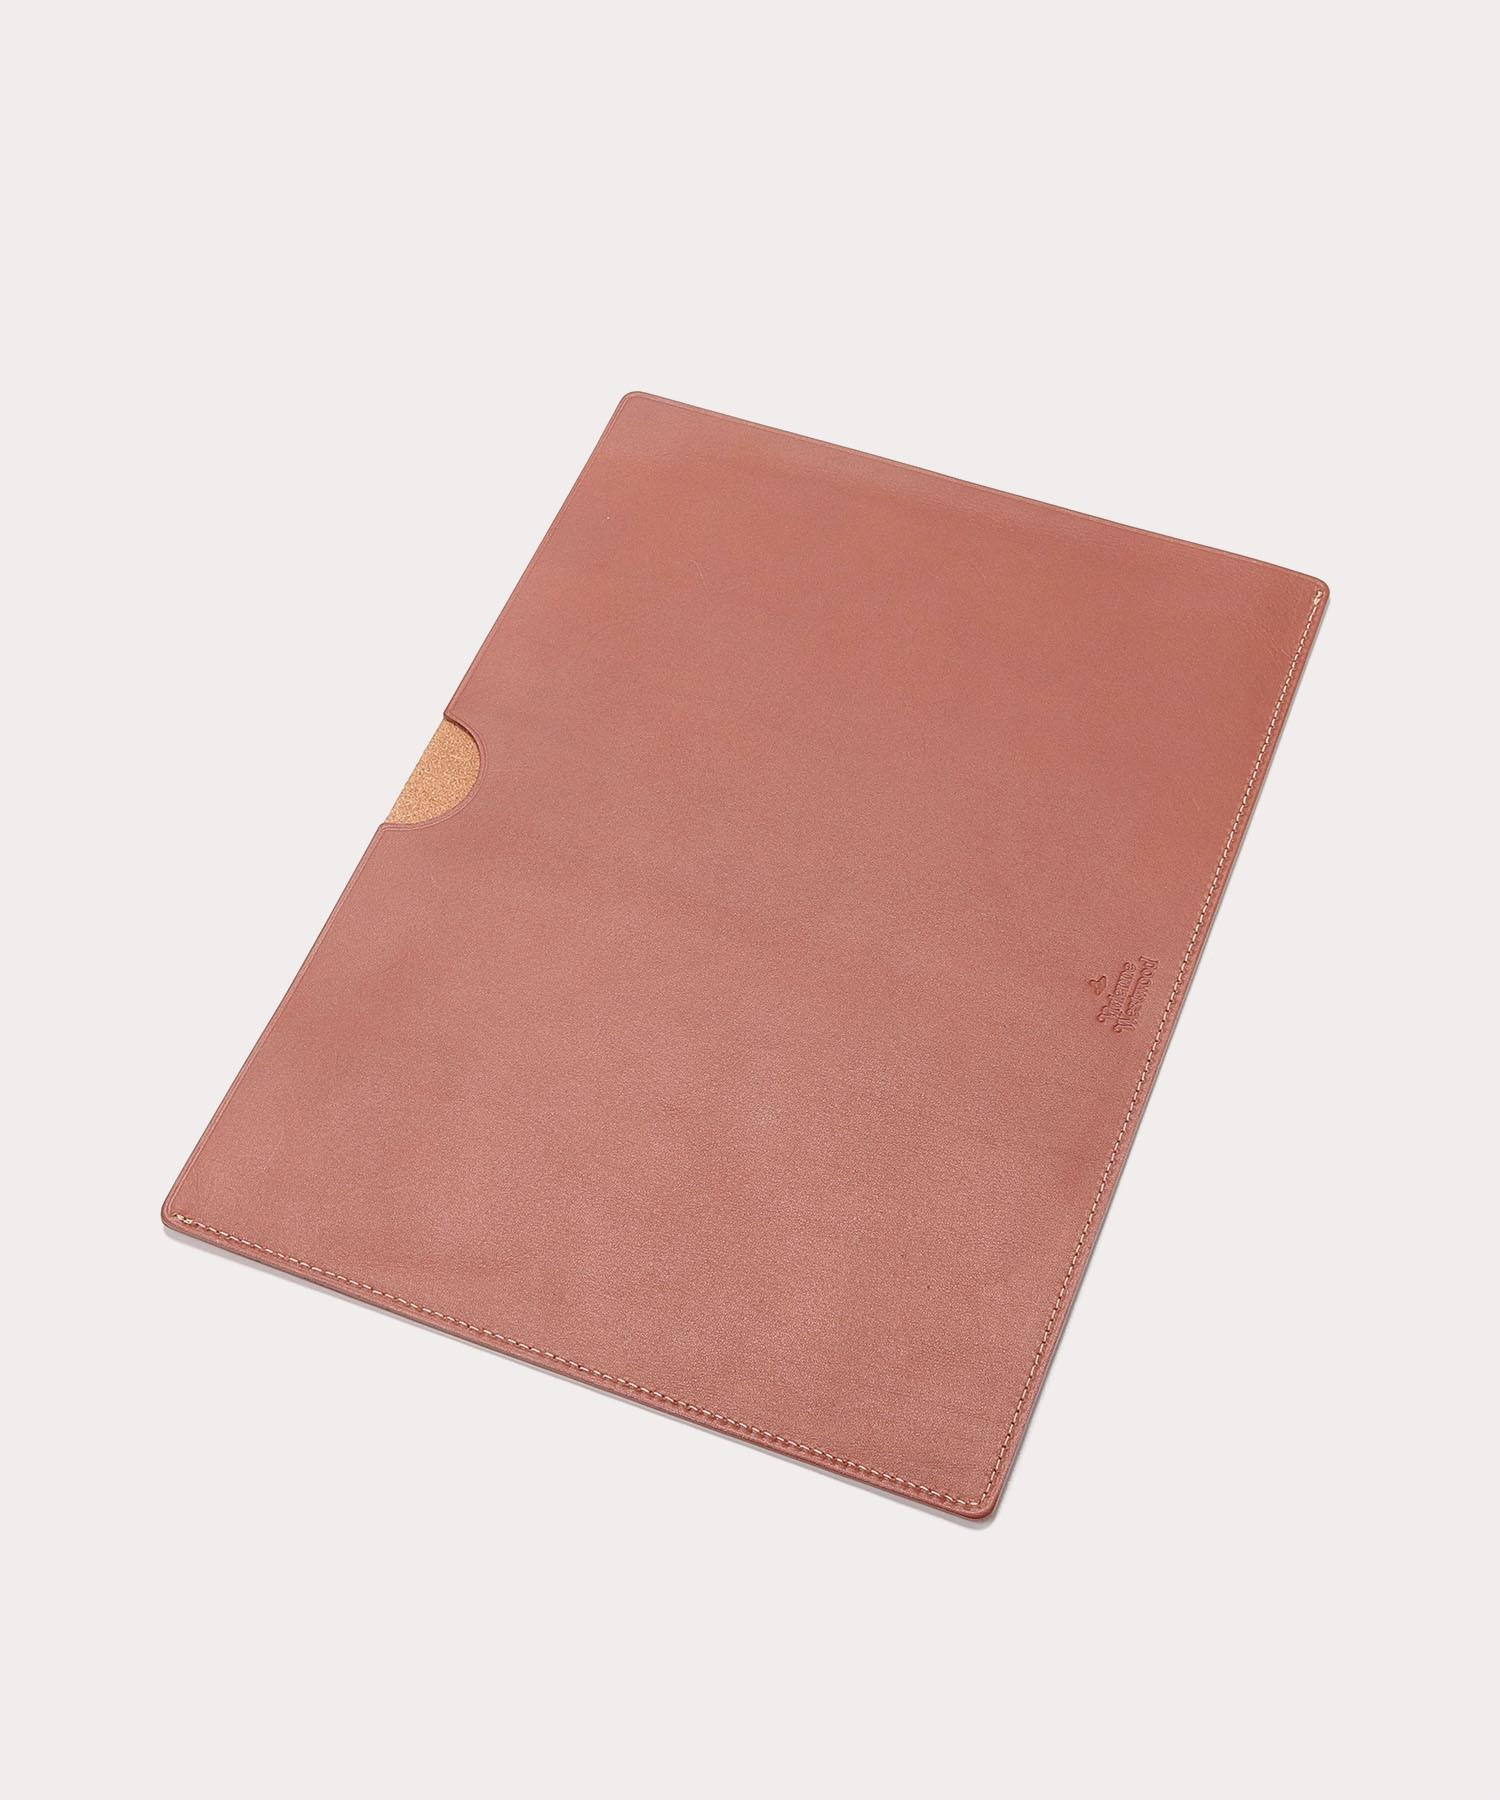 エンベロープ ファイル式マウスパッド